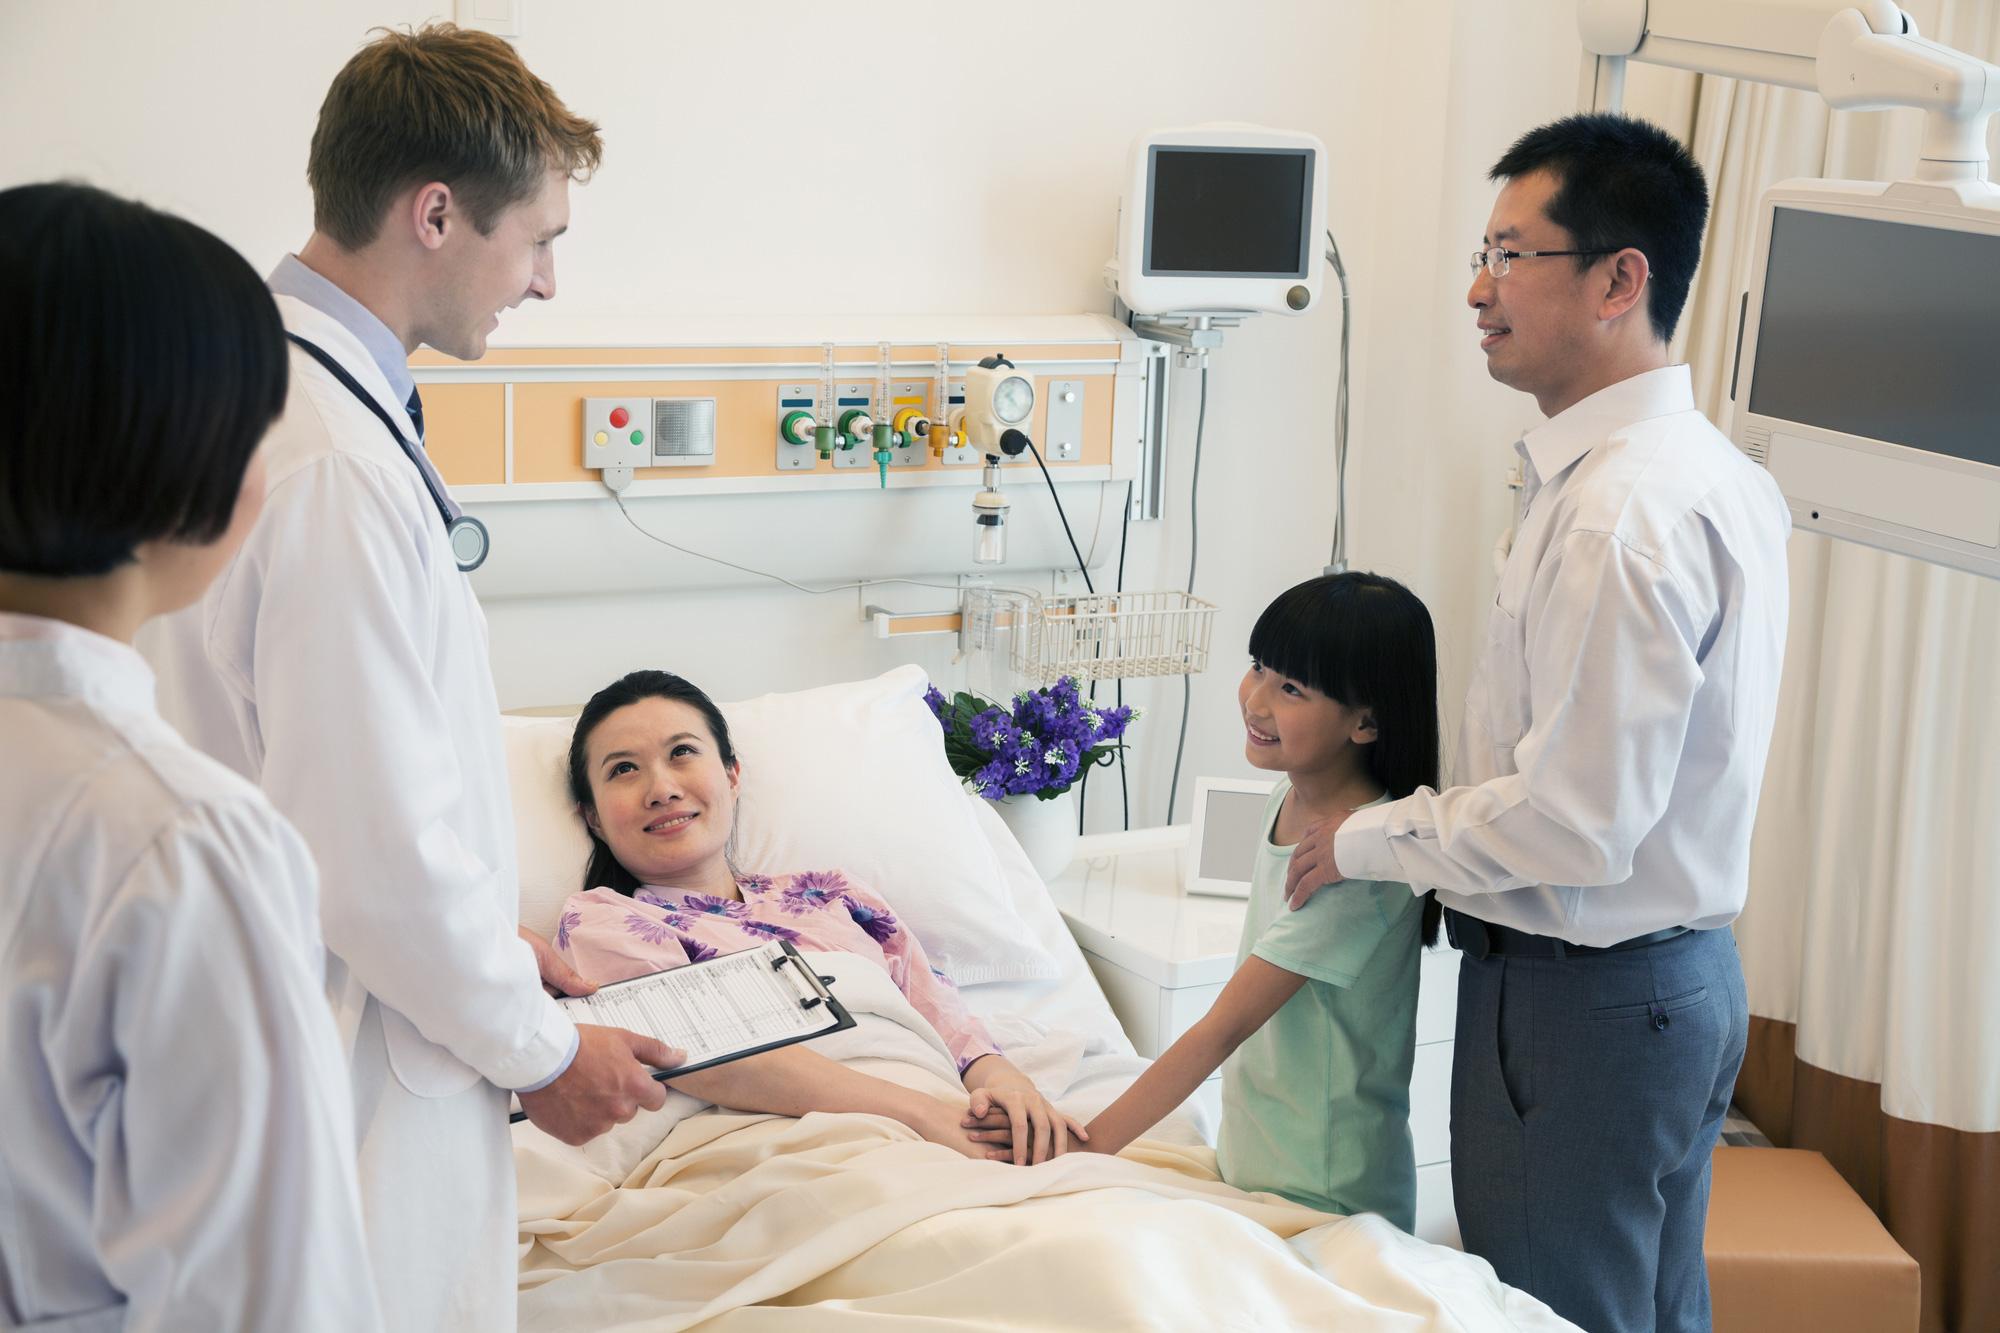 Generali đặt mục tiêu dẫn đầu thị trường về cung cấp dịch vụ bảo hiểm sức khỏe-2